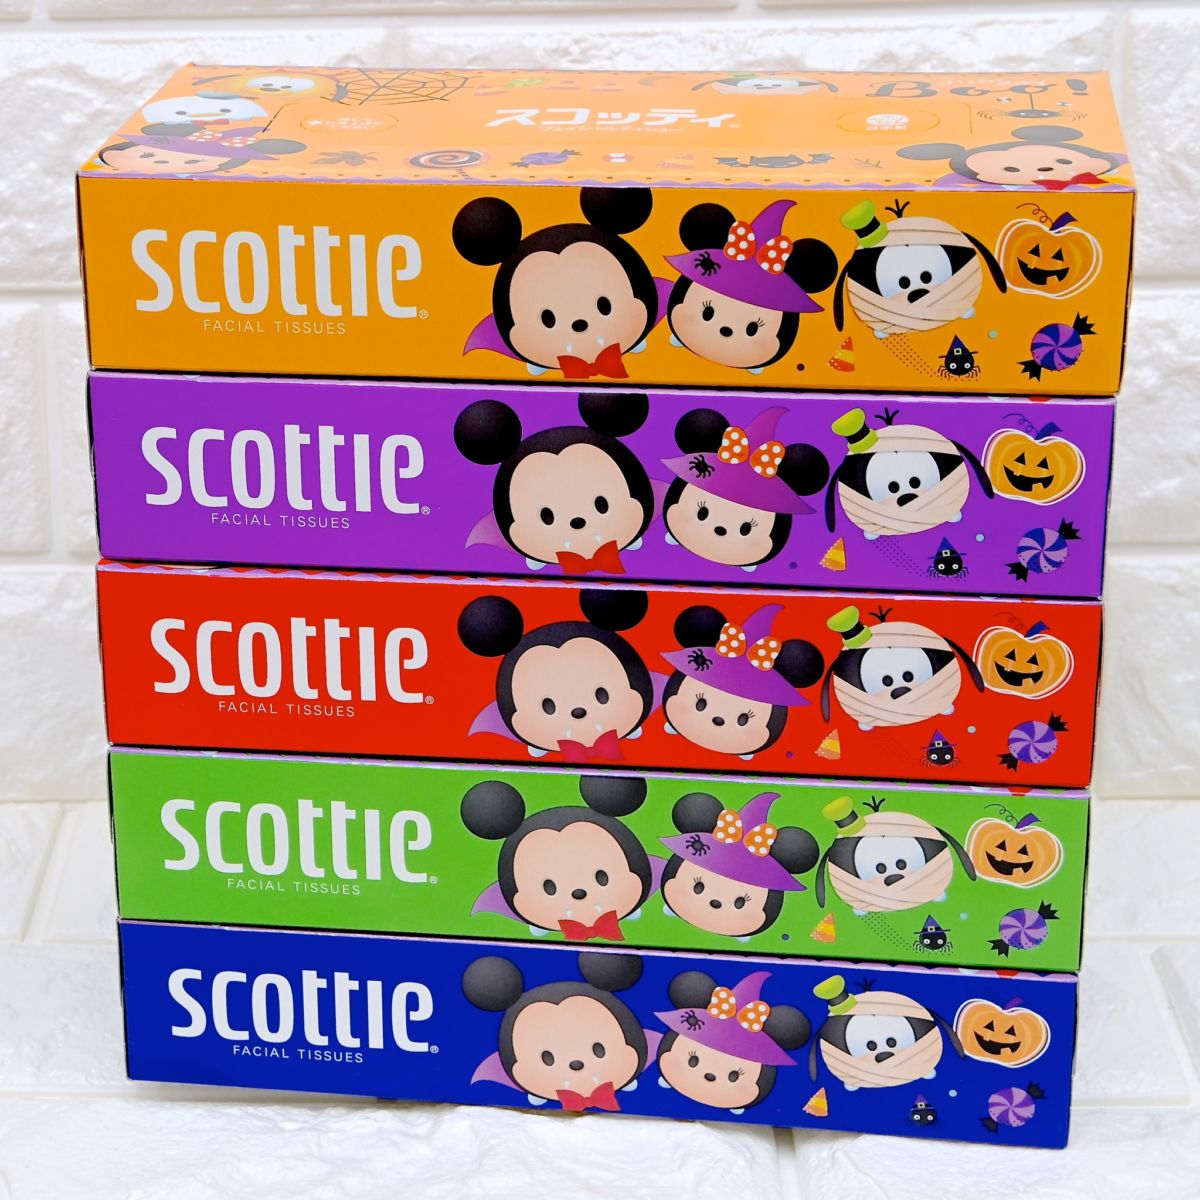 日本製紙クレシア「スコッティ」ディズニーハロウィンデザイン2